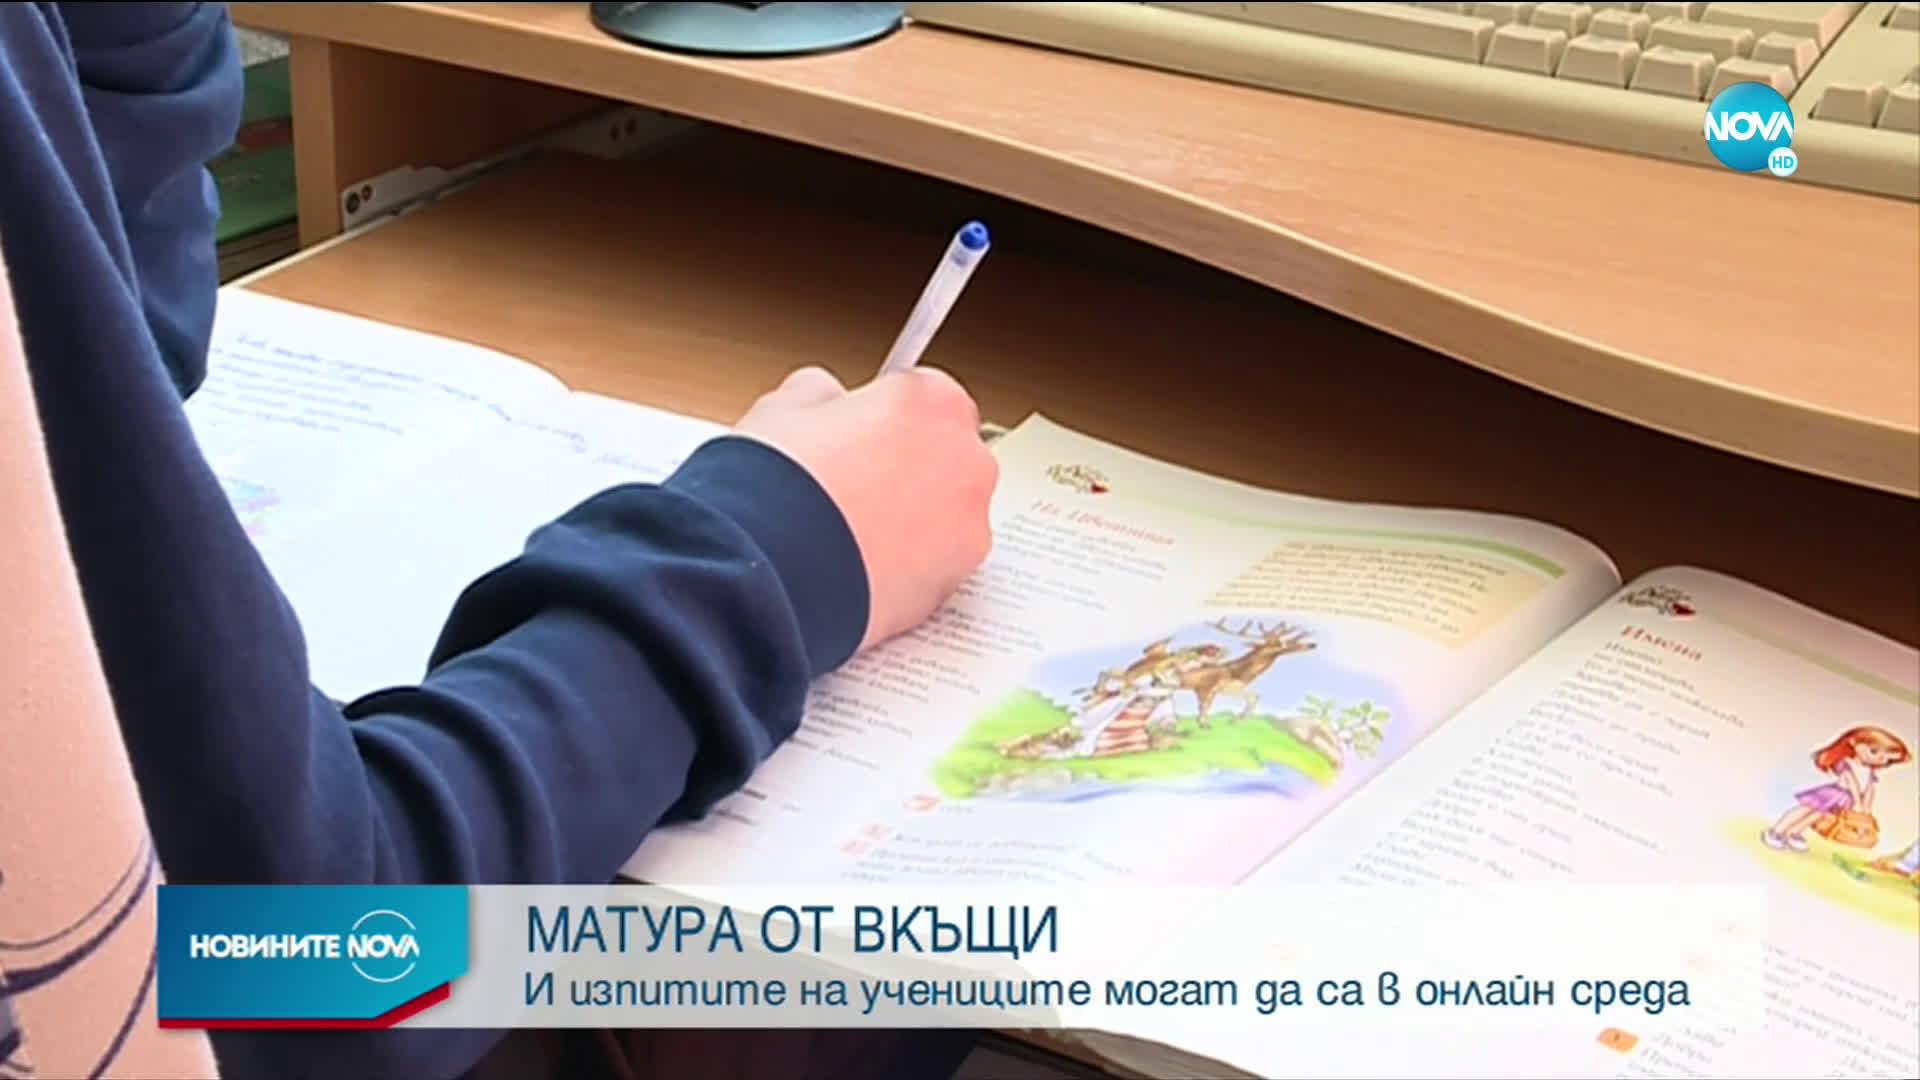 МАТУРА ОТ ВКЪЩИ: Обсъждат изпитите да се провеждат онлайн